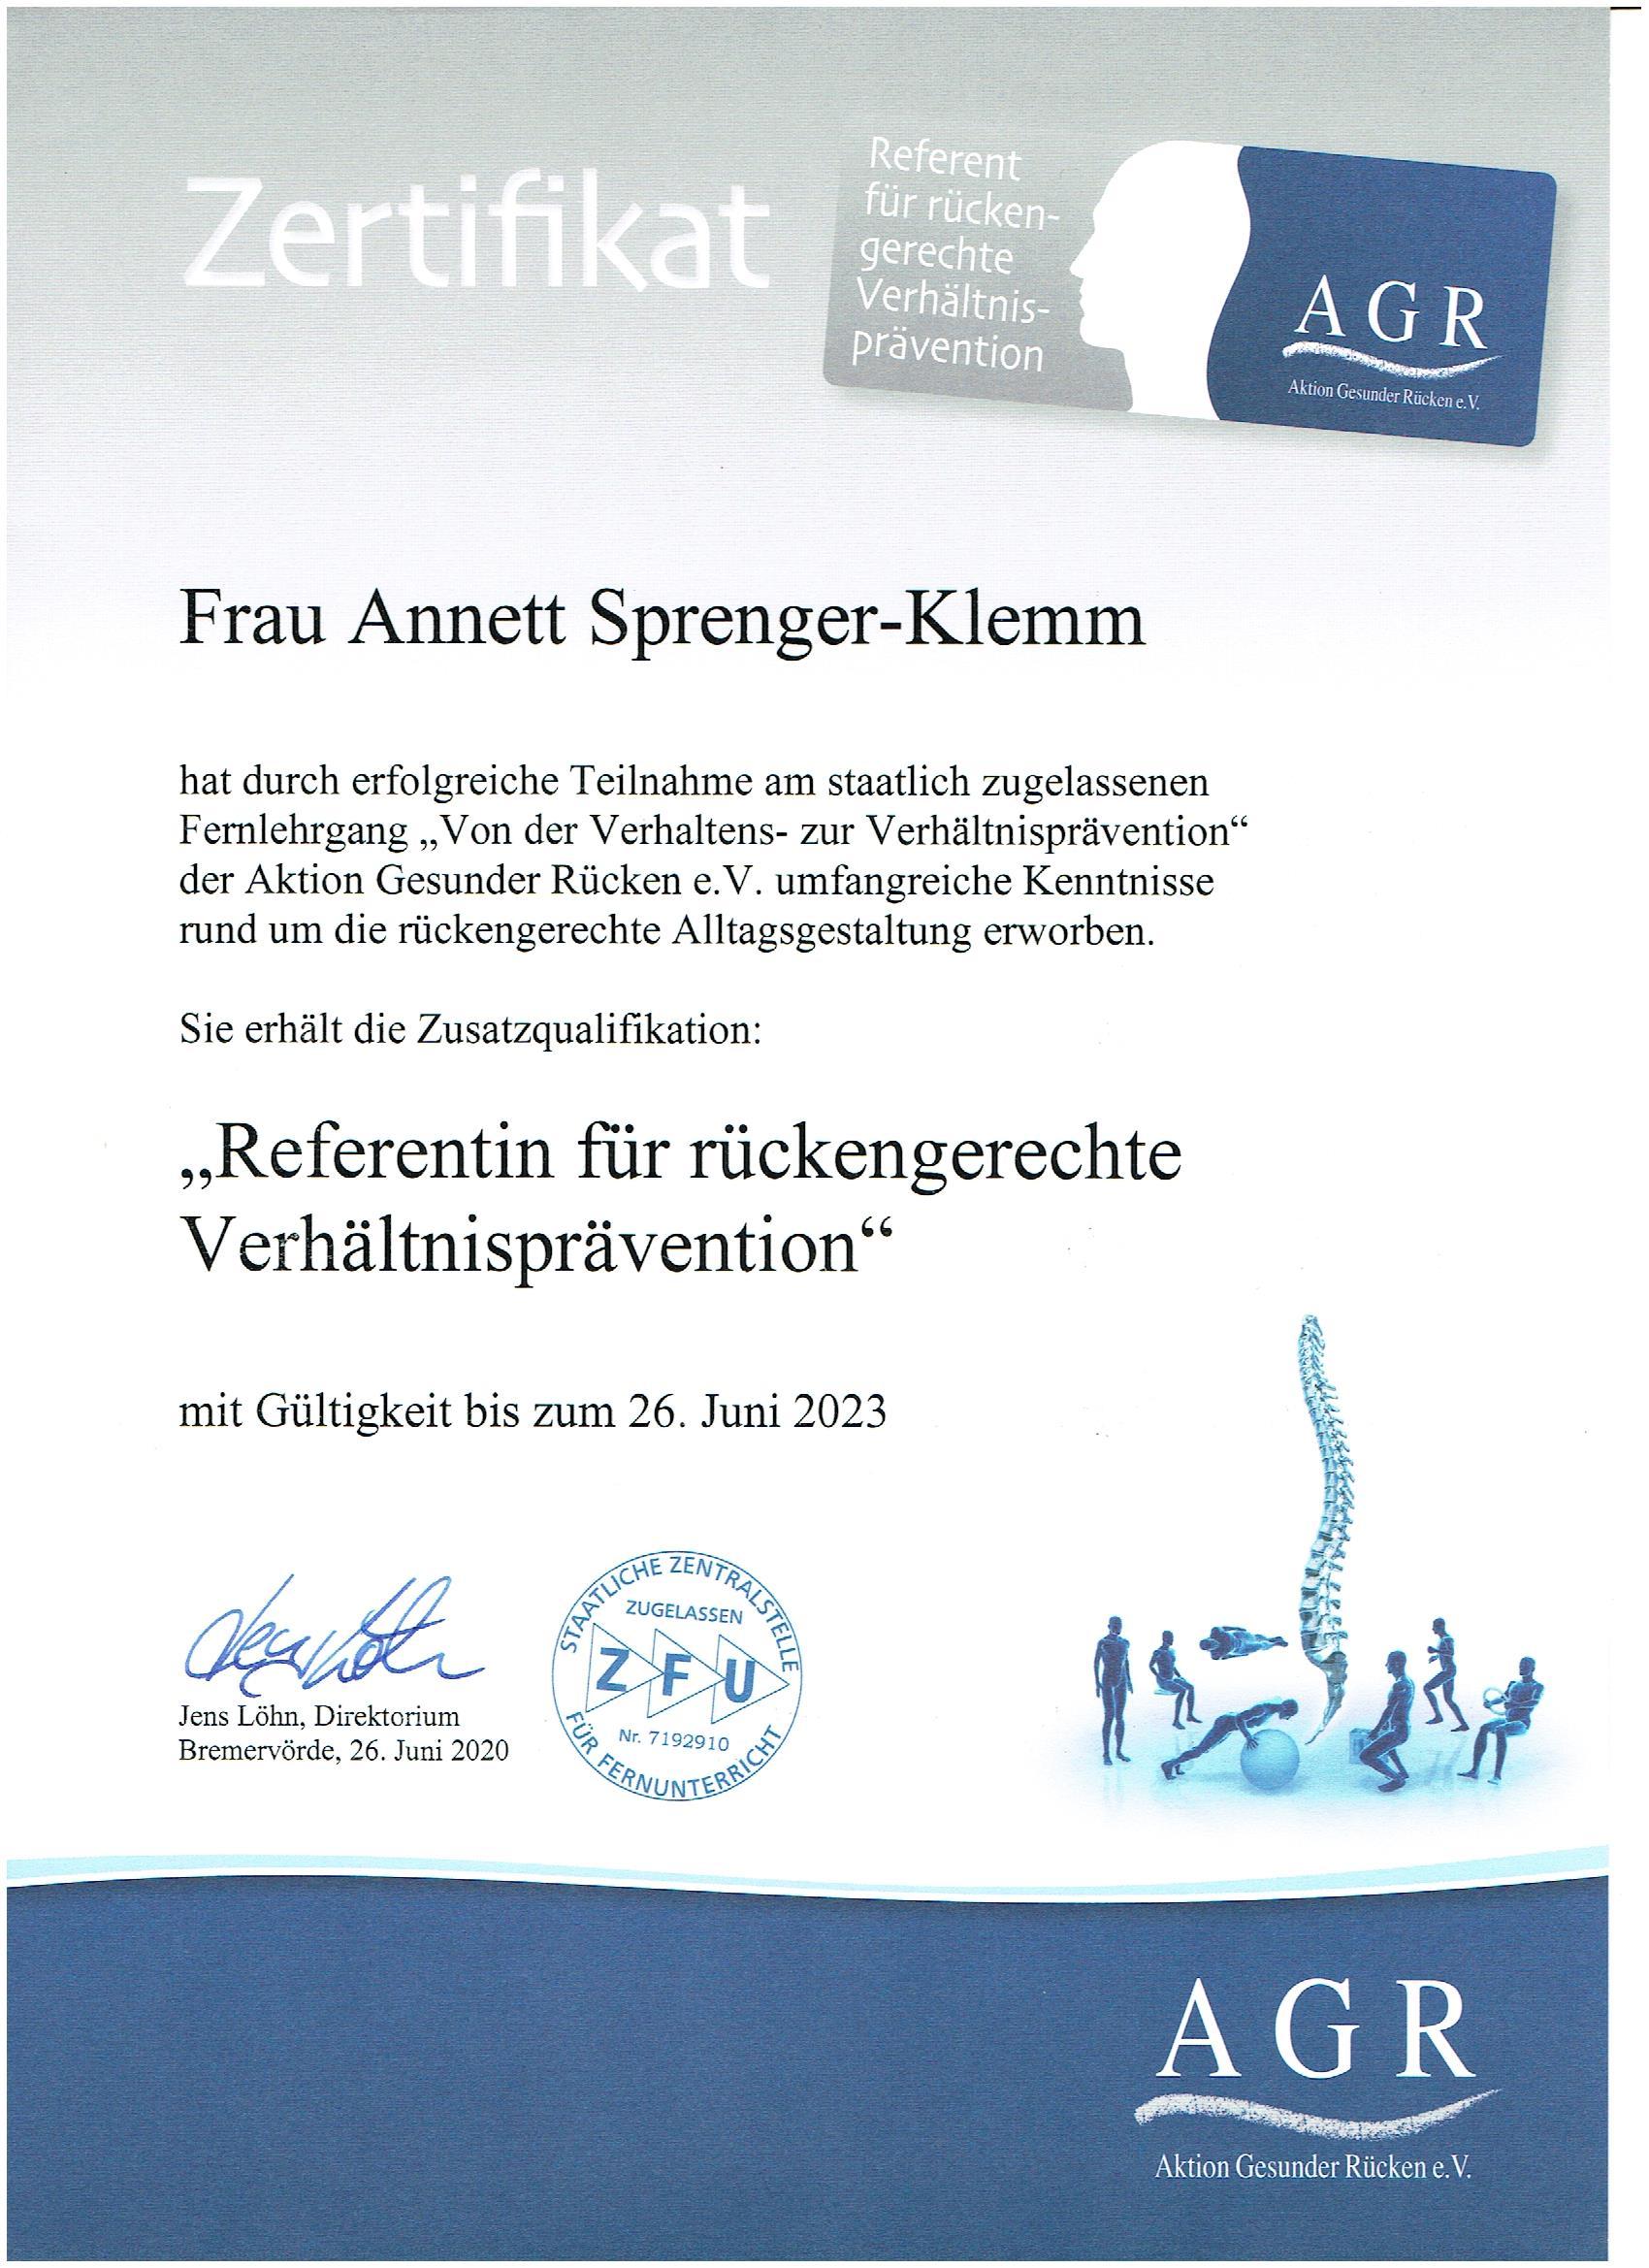 AGR Zertifikat